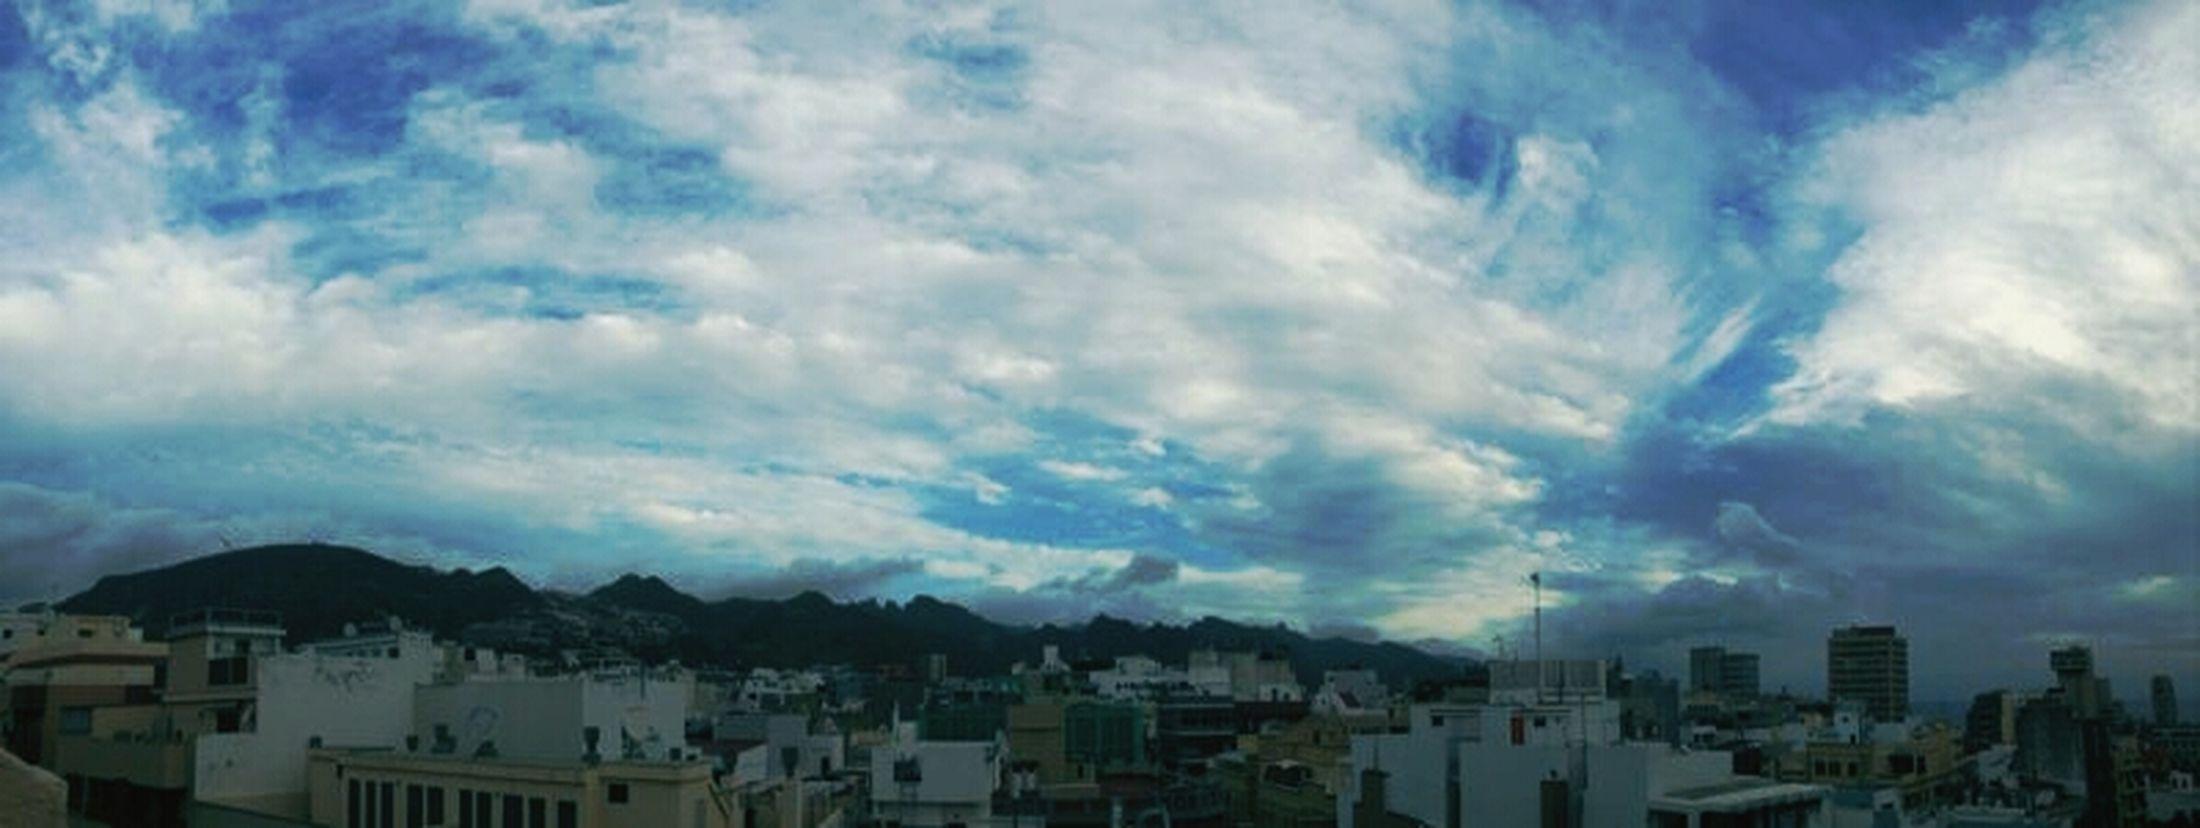 quiero pintar el mundo de azul.. Quesuerteviviraqui Nature_collection Misnubarrones Sky_collection